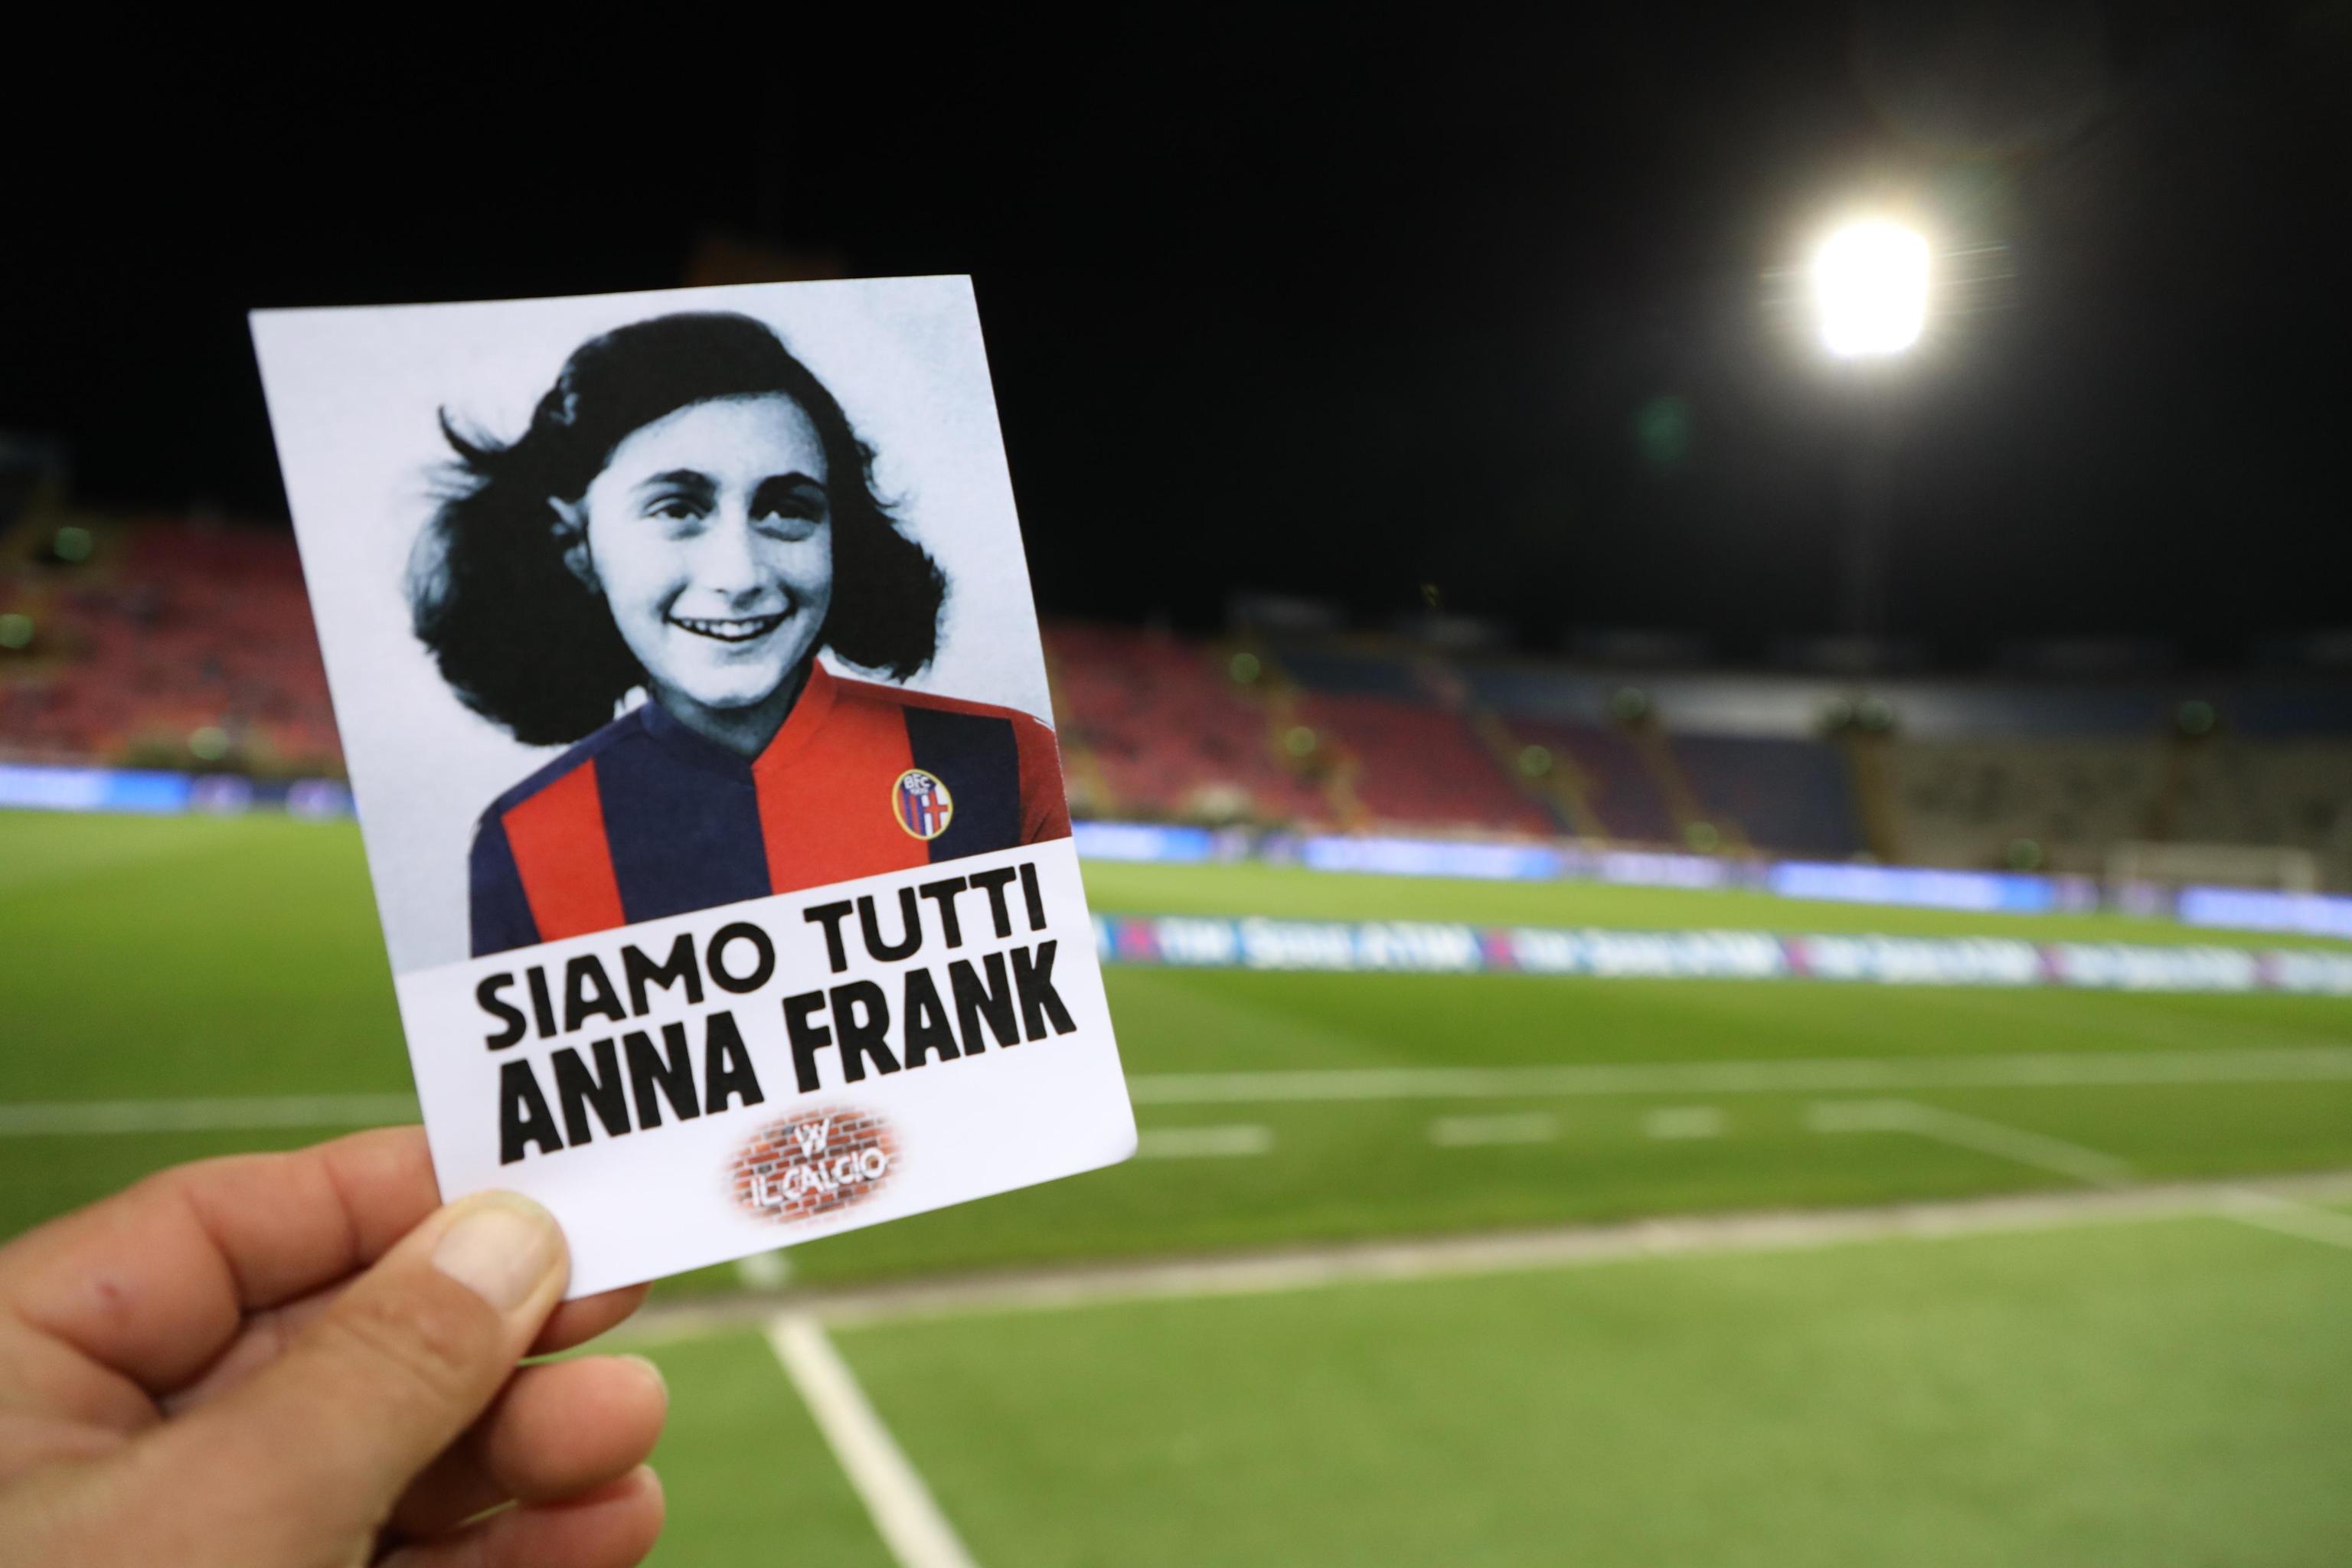 No all'antisemitismo Lazio a Bologna con maglia Anna Frank